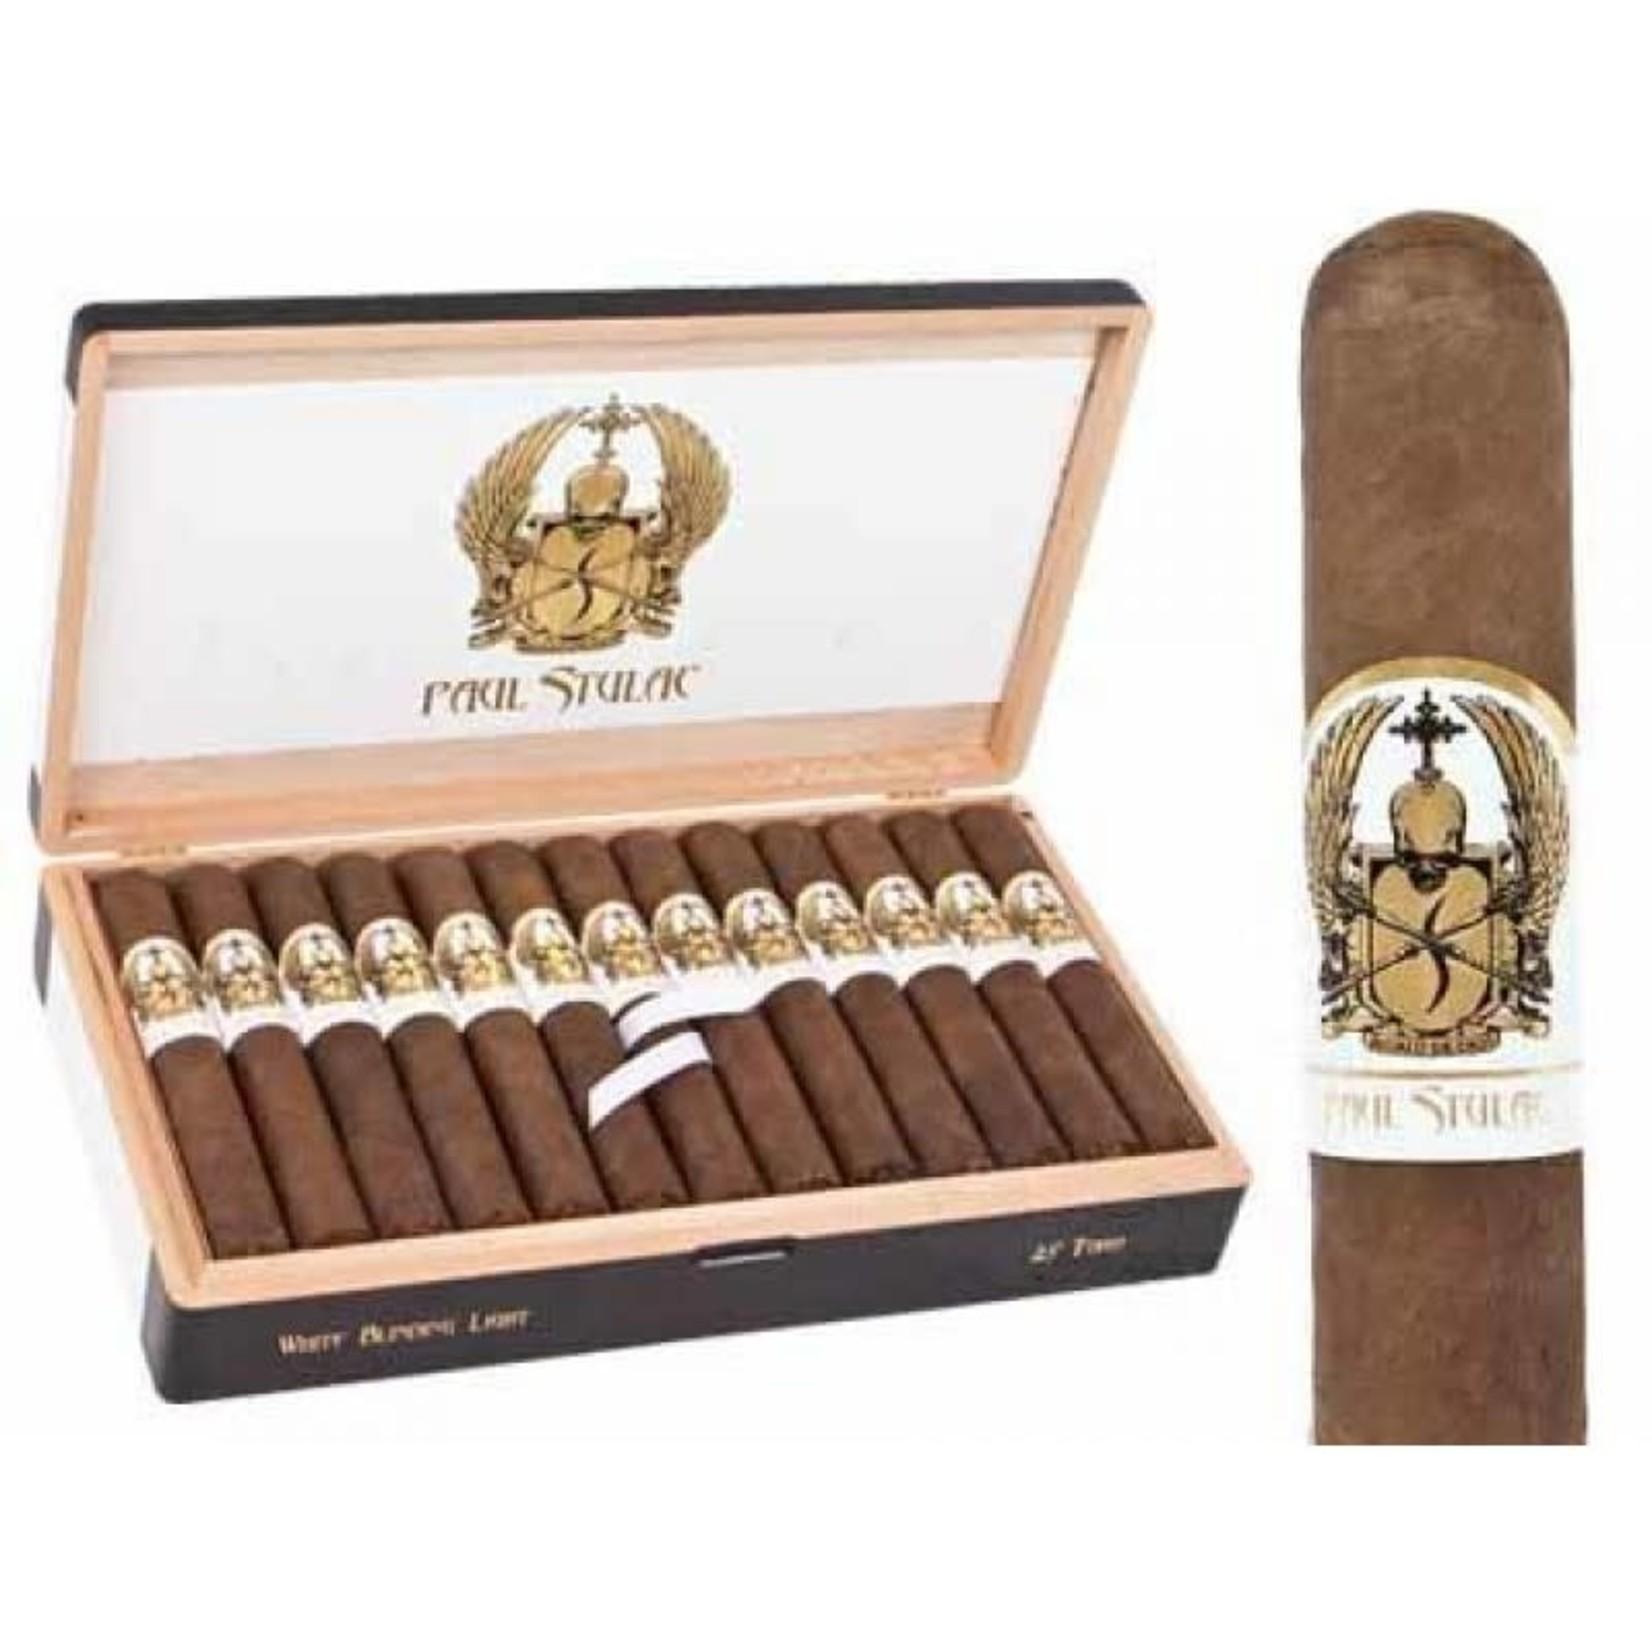 Paul Stulac Cigars White Blinding Light